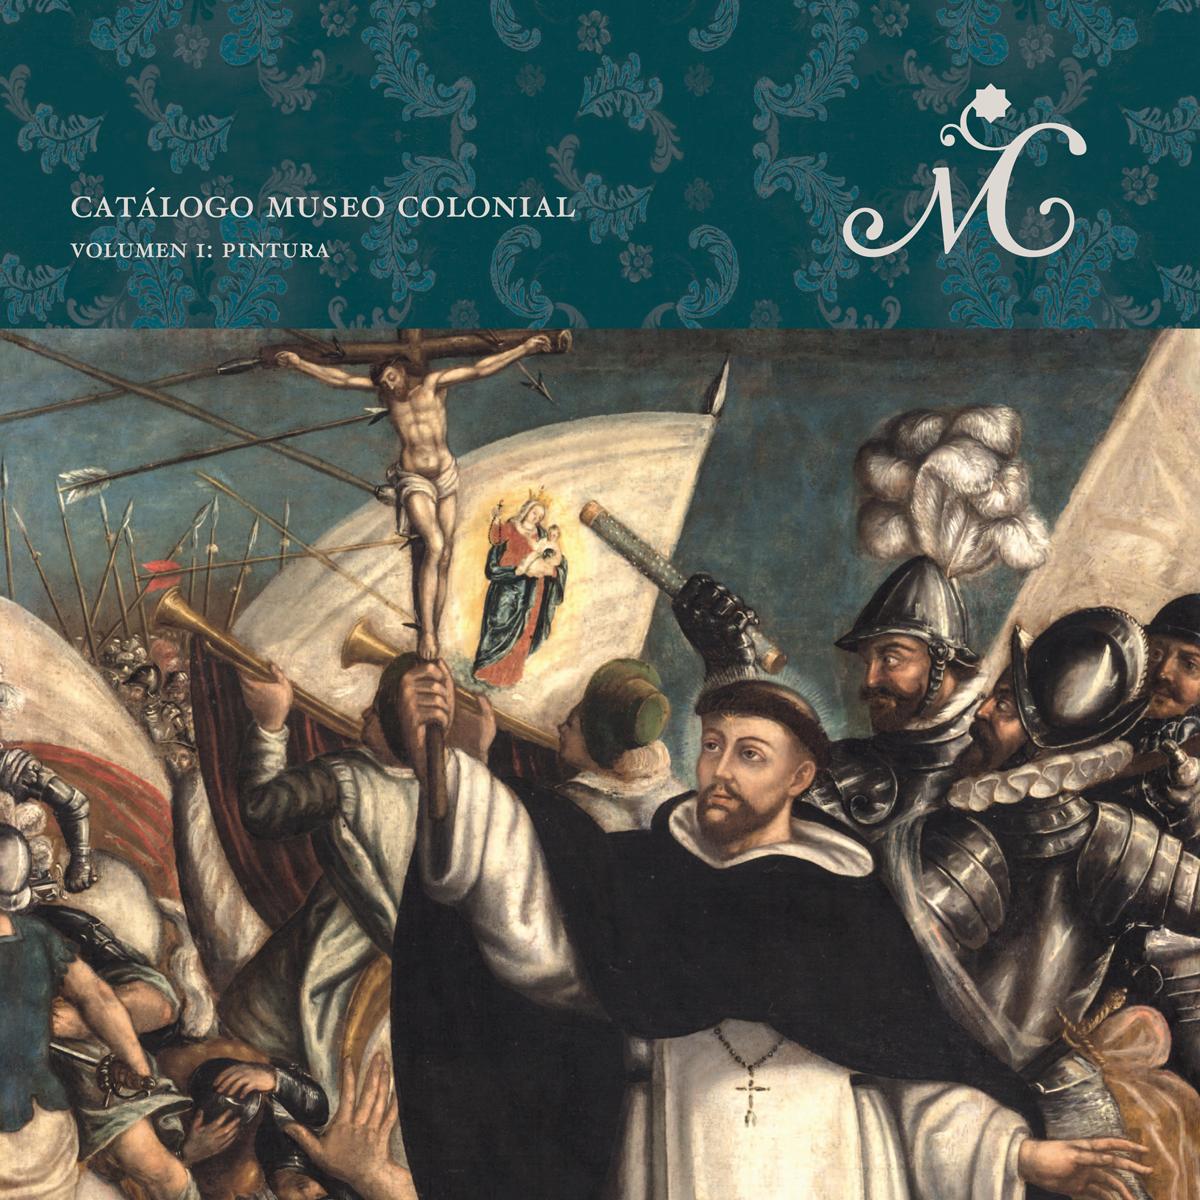 Catálogo de pintura del Museo Colonial